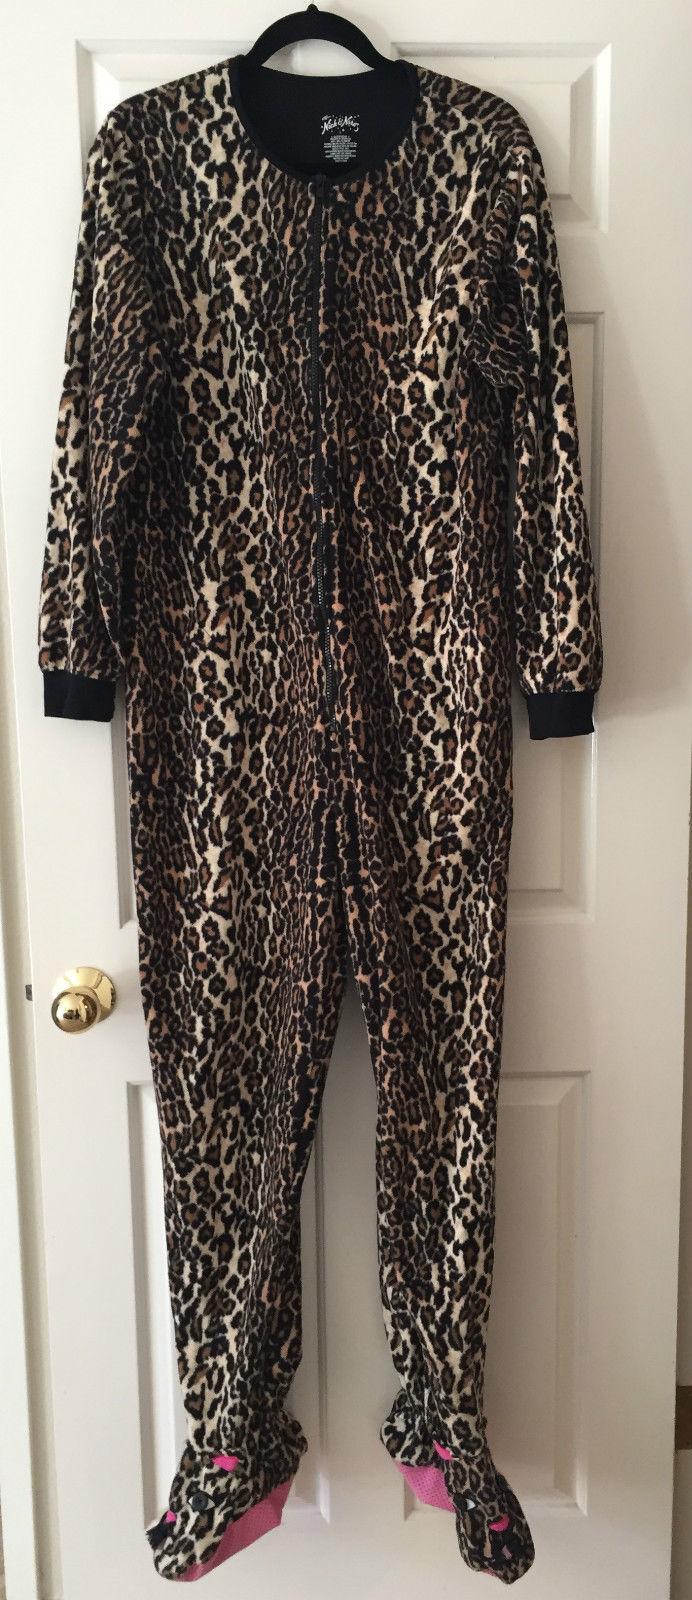 Nick & Nora Sleepwear Footed Pajamas Cheetah Leopard Print Size L Onsie